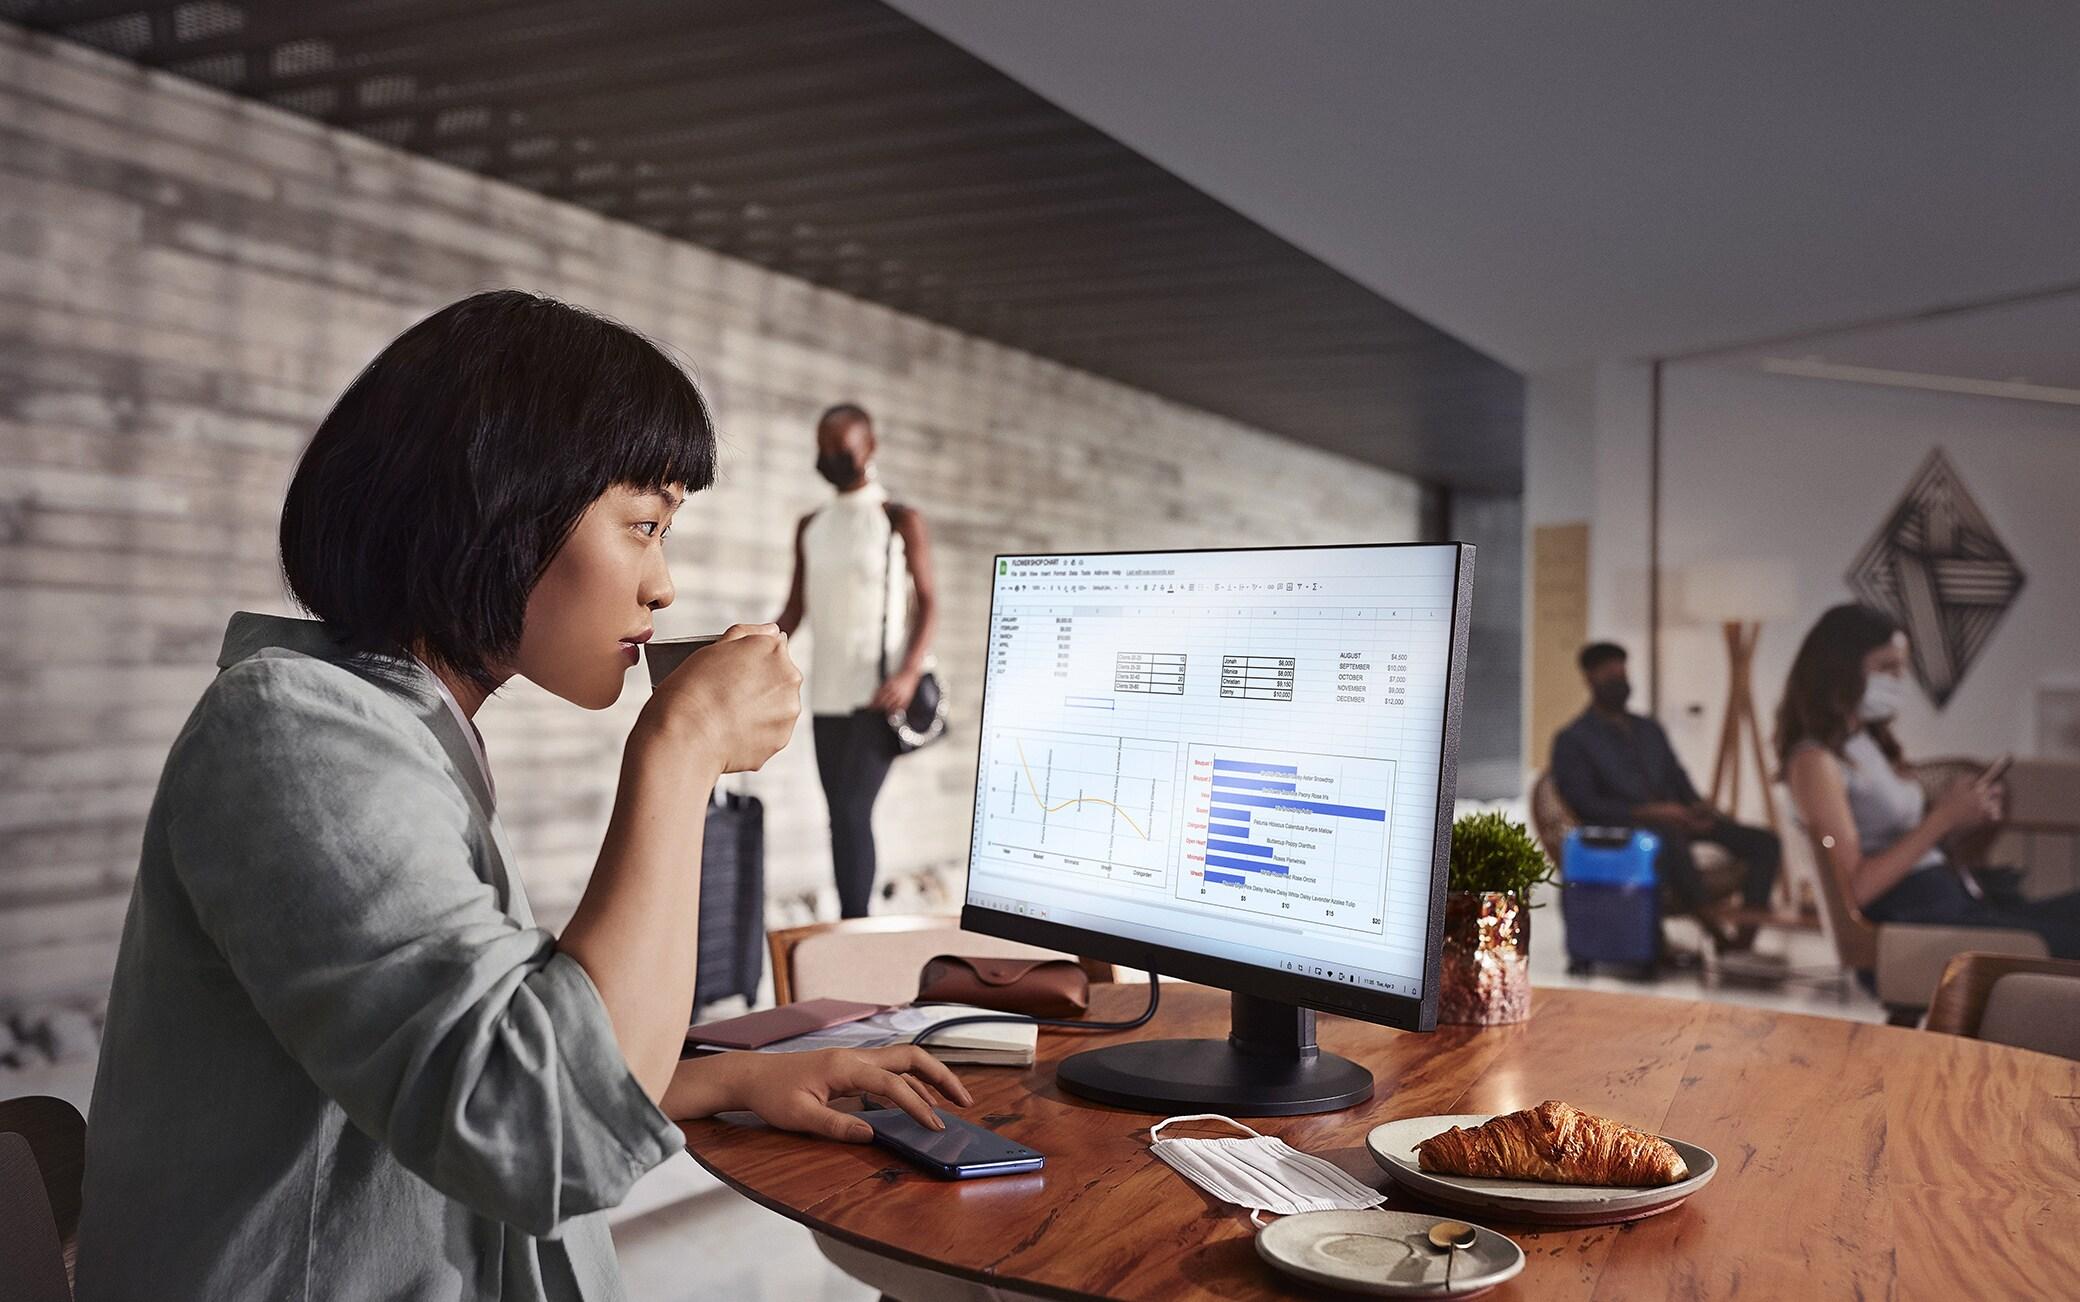 Grazie a Ready For è possibile collegare lo smartphone a tv e monitor e lavorare su schermi più grandi